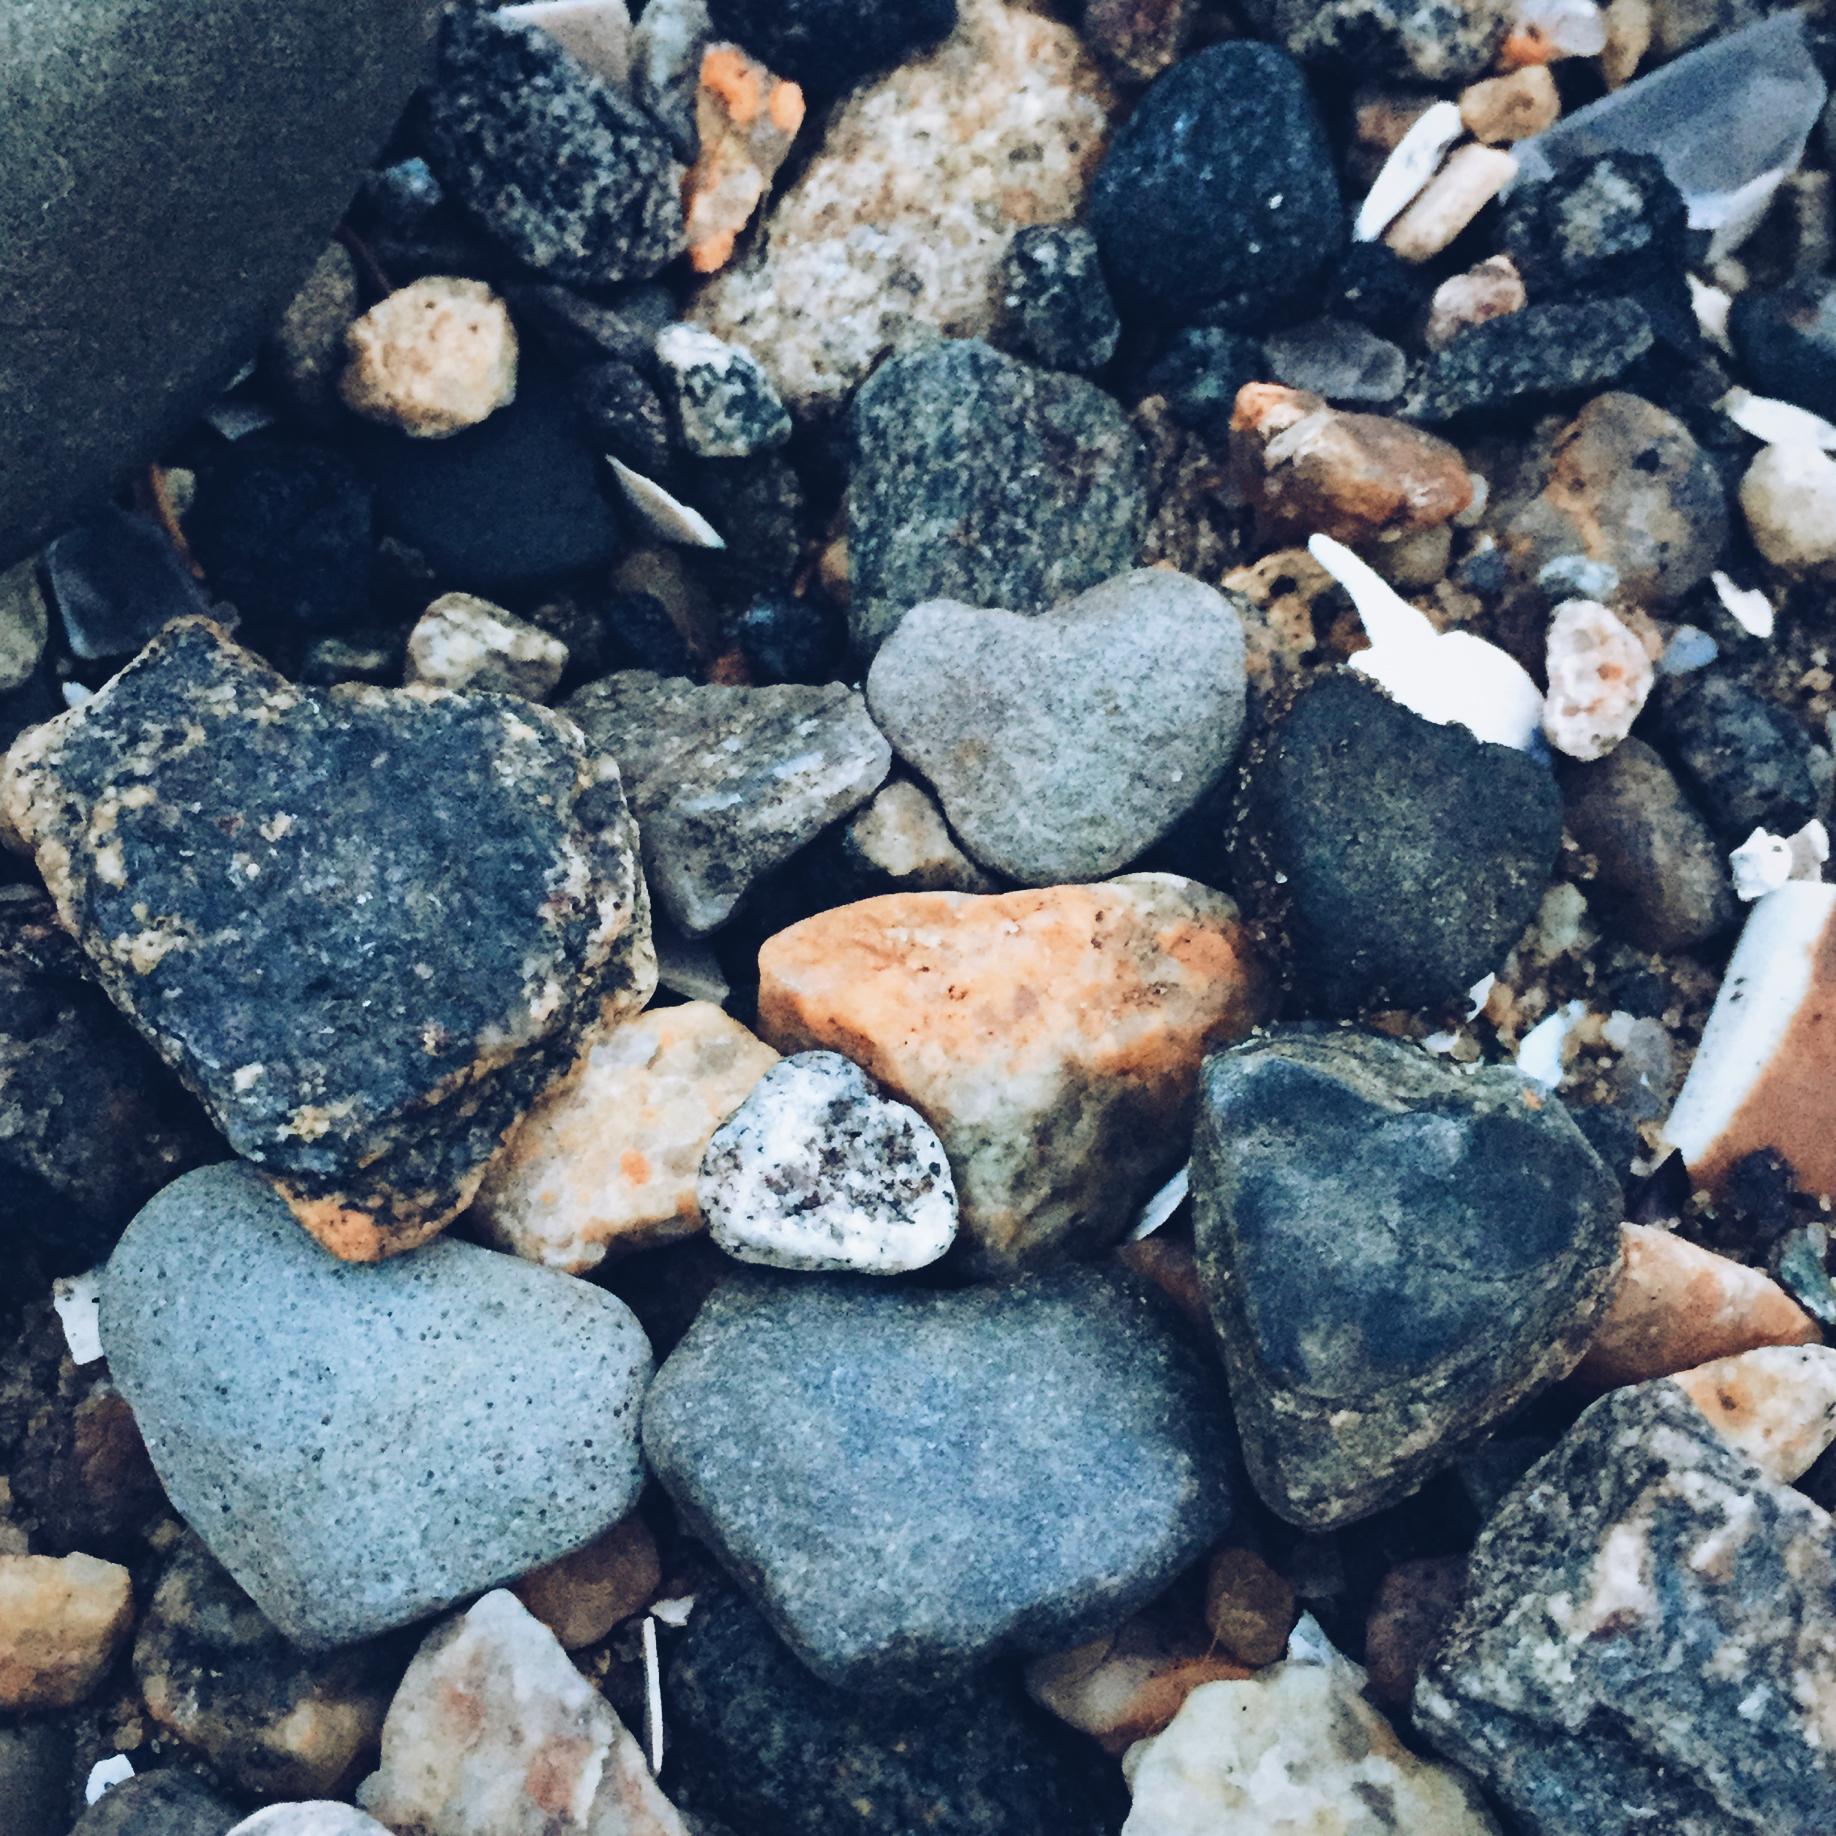 Love rocks, Cliff Kuhn-Lloyd